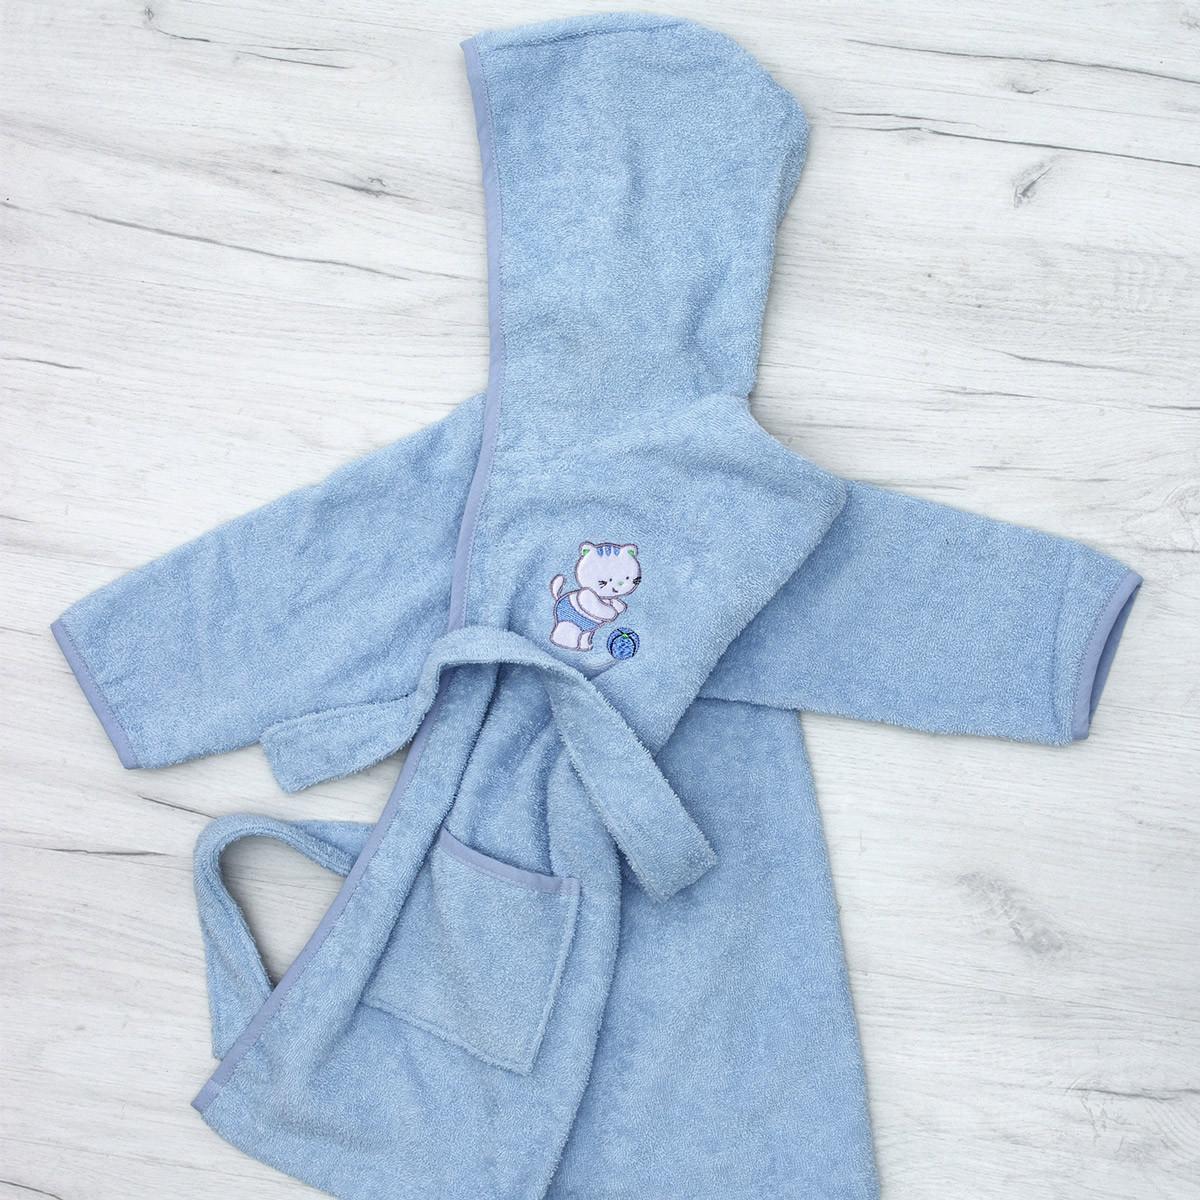 Βρεφικό Μπουρνούζι Sb Home Kitten Blue No2 No2